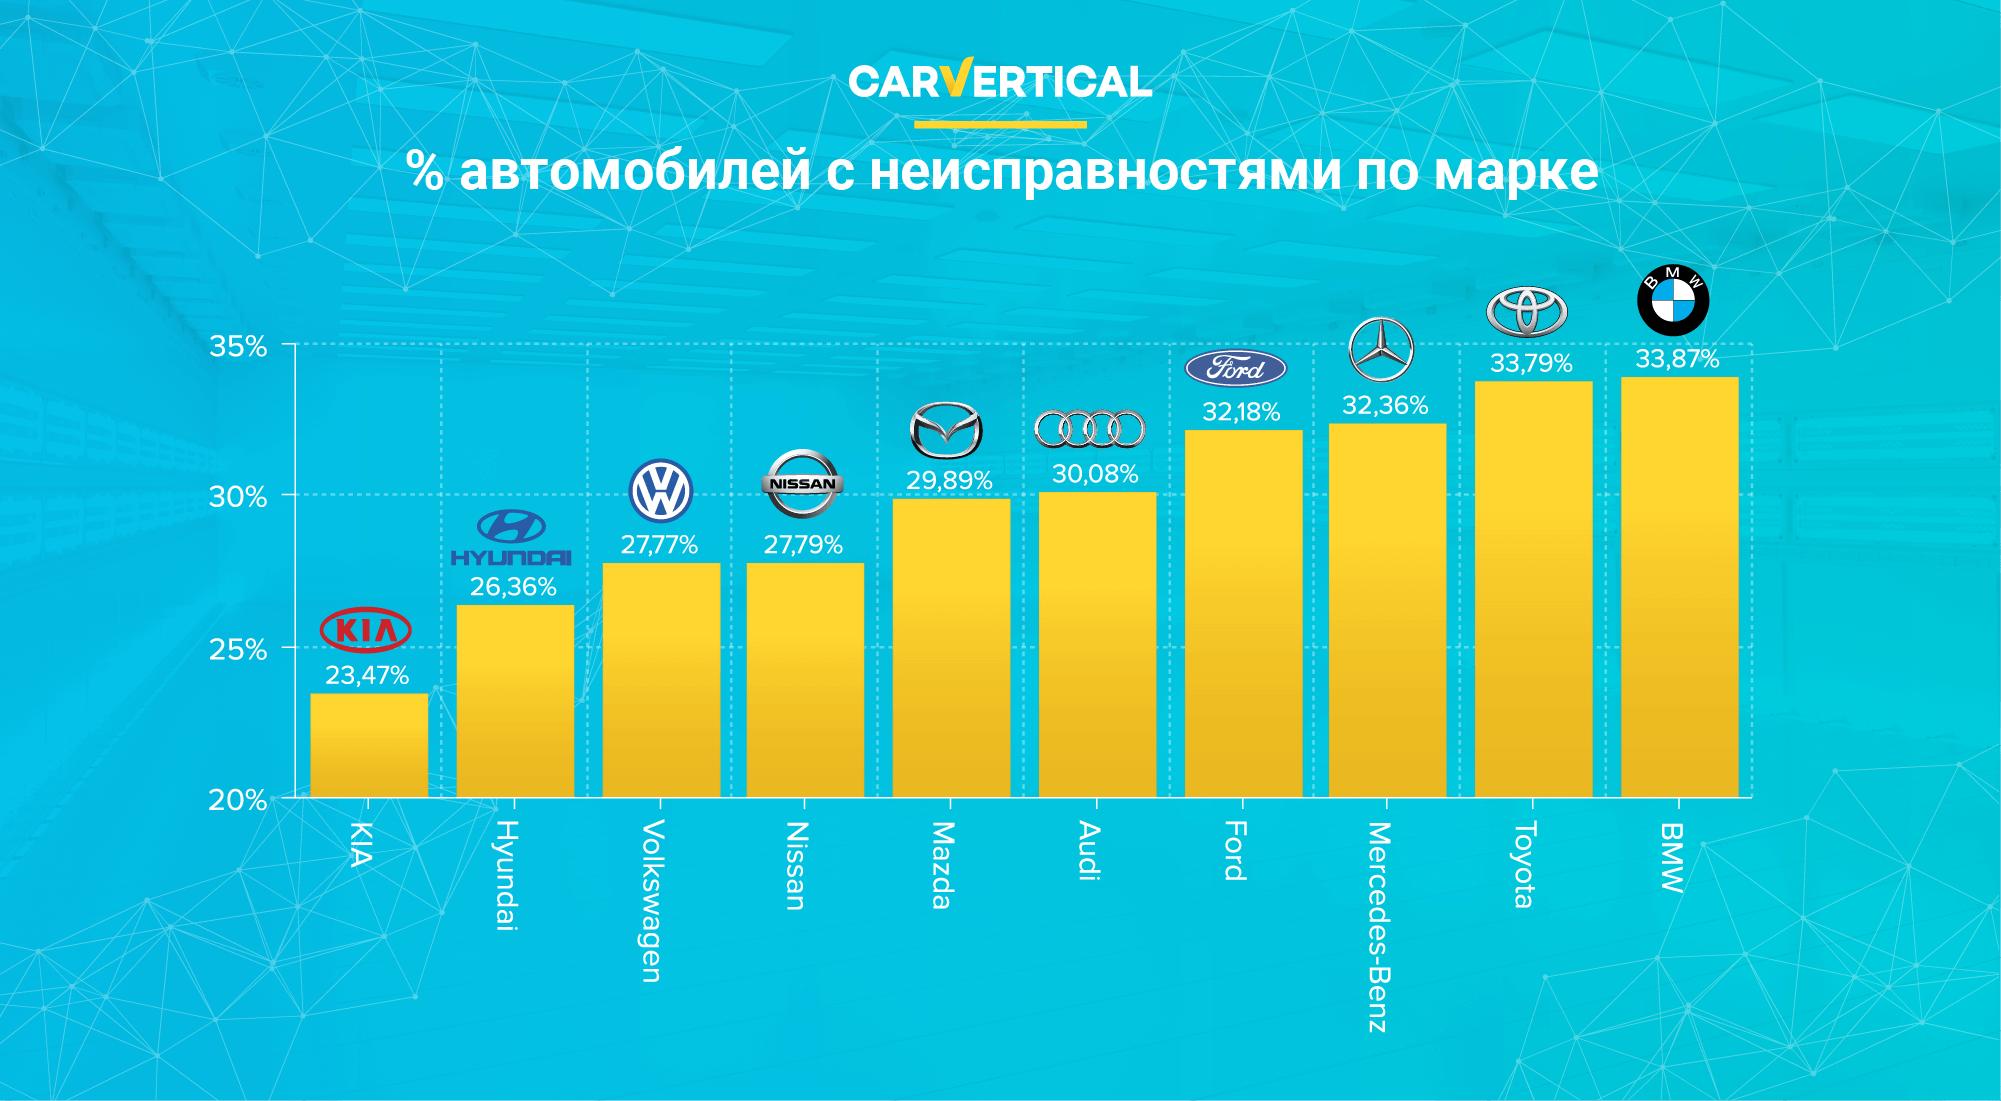 Как оценивалась надежность автомобиля